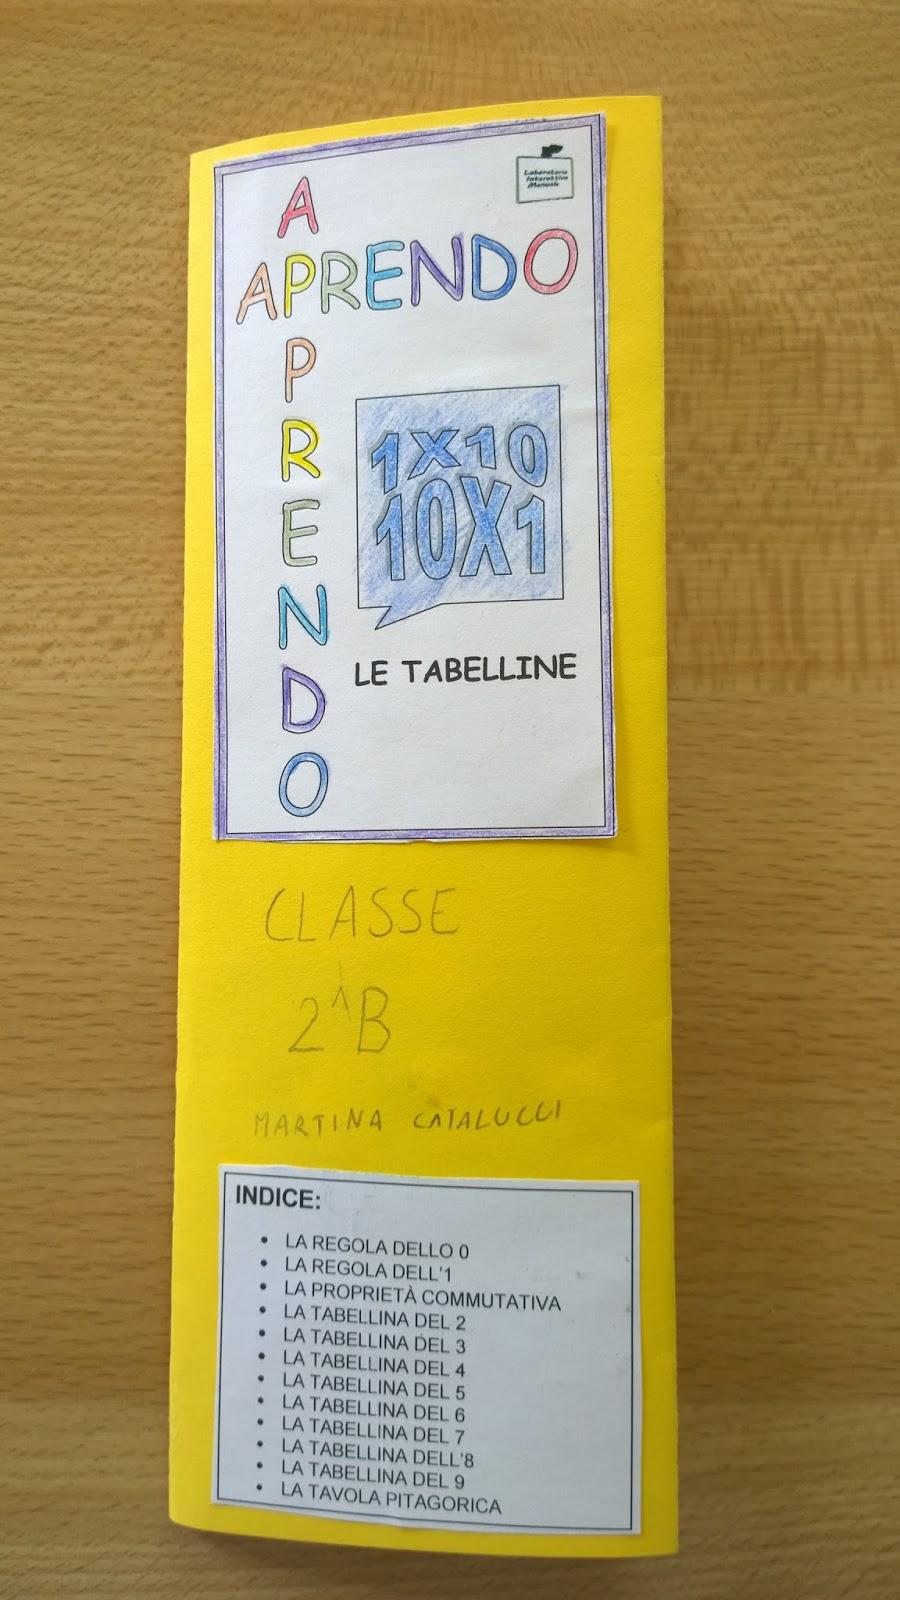 Scuola primaria s pertini lapbook tabelline - La tavola pitagorica da stampare ...